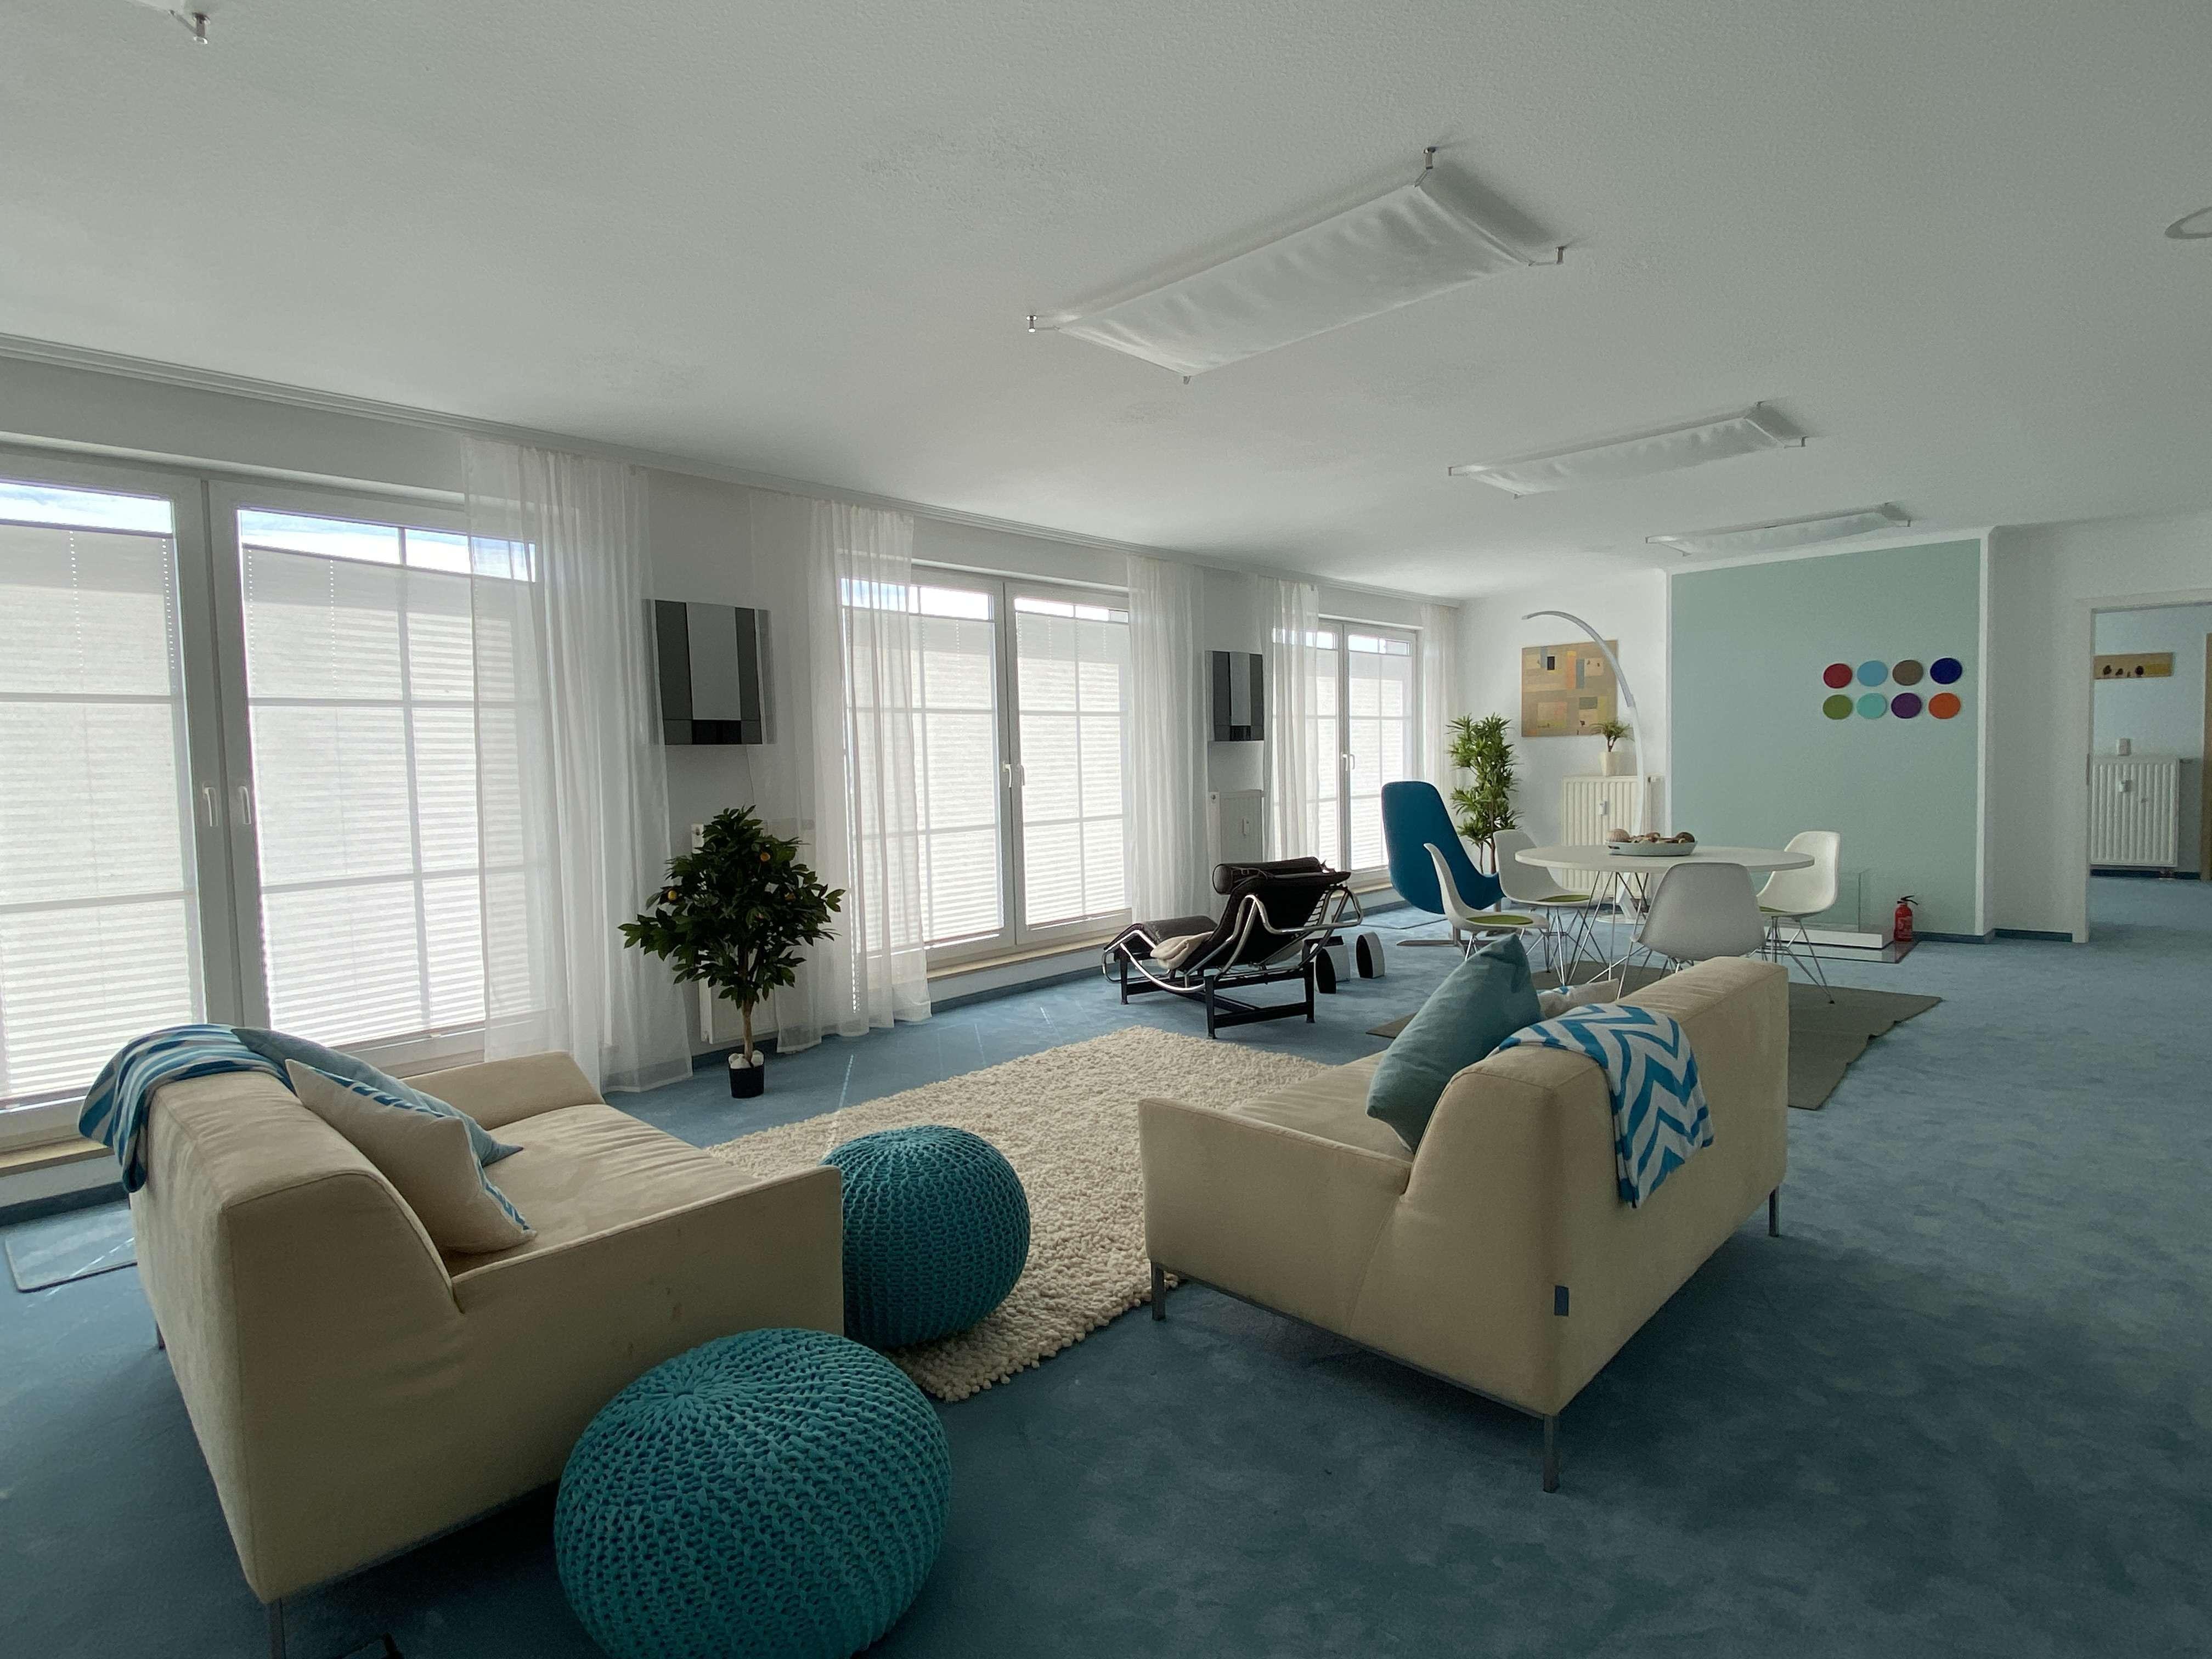 Wohlfühloase mit Seeblick: Schick möblierte, großzügige (Ferien-)Wohnung mit Terrasse in